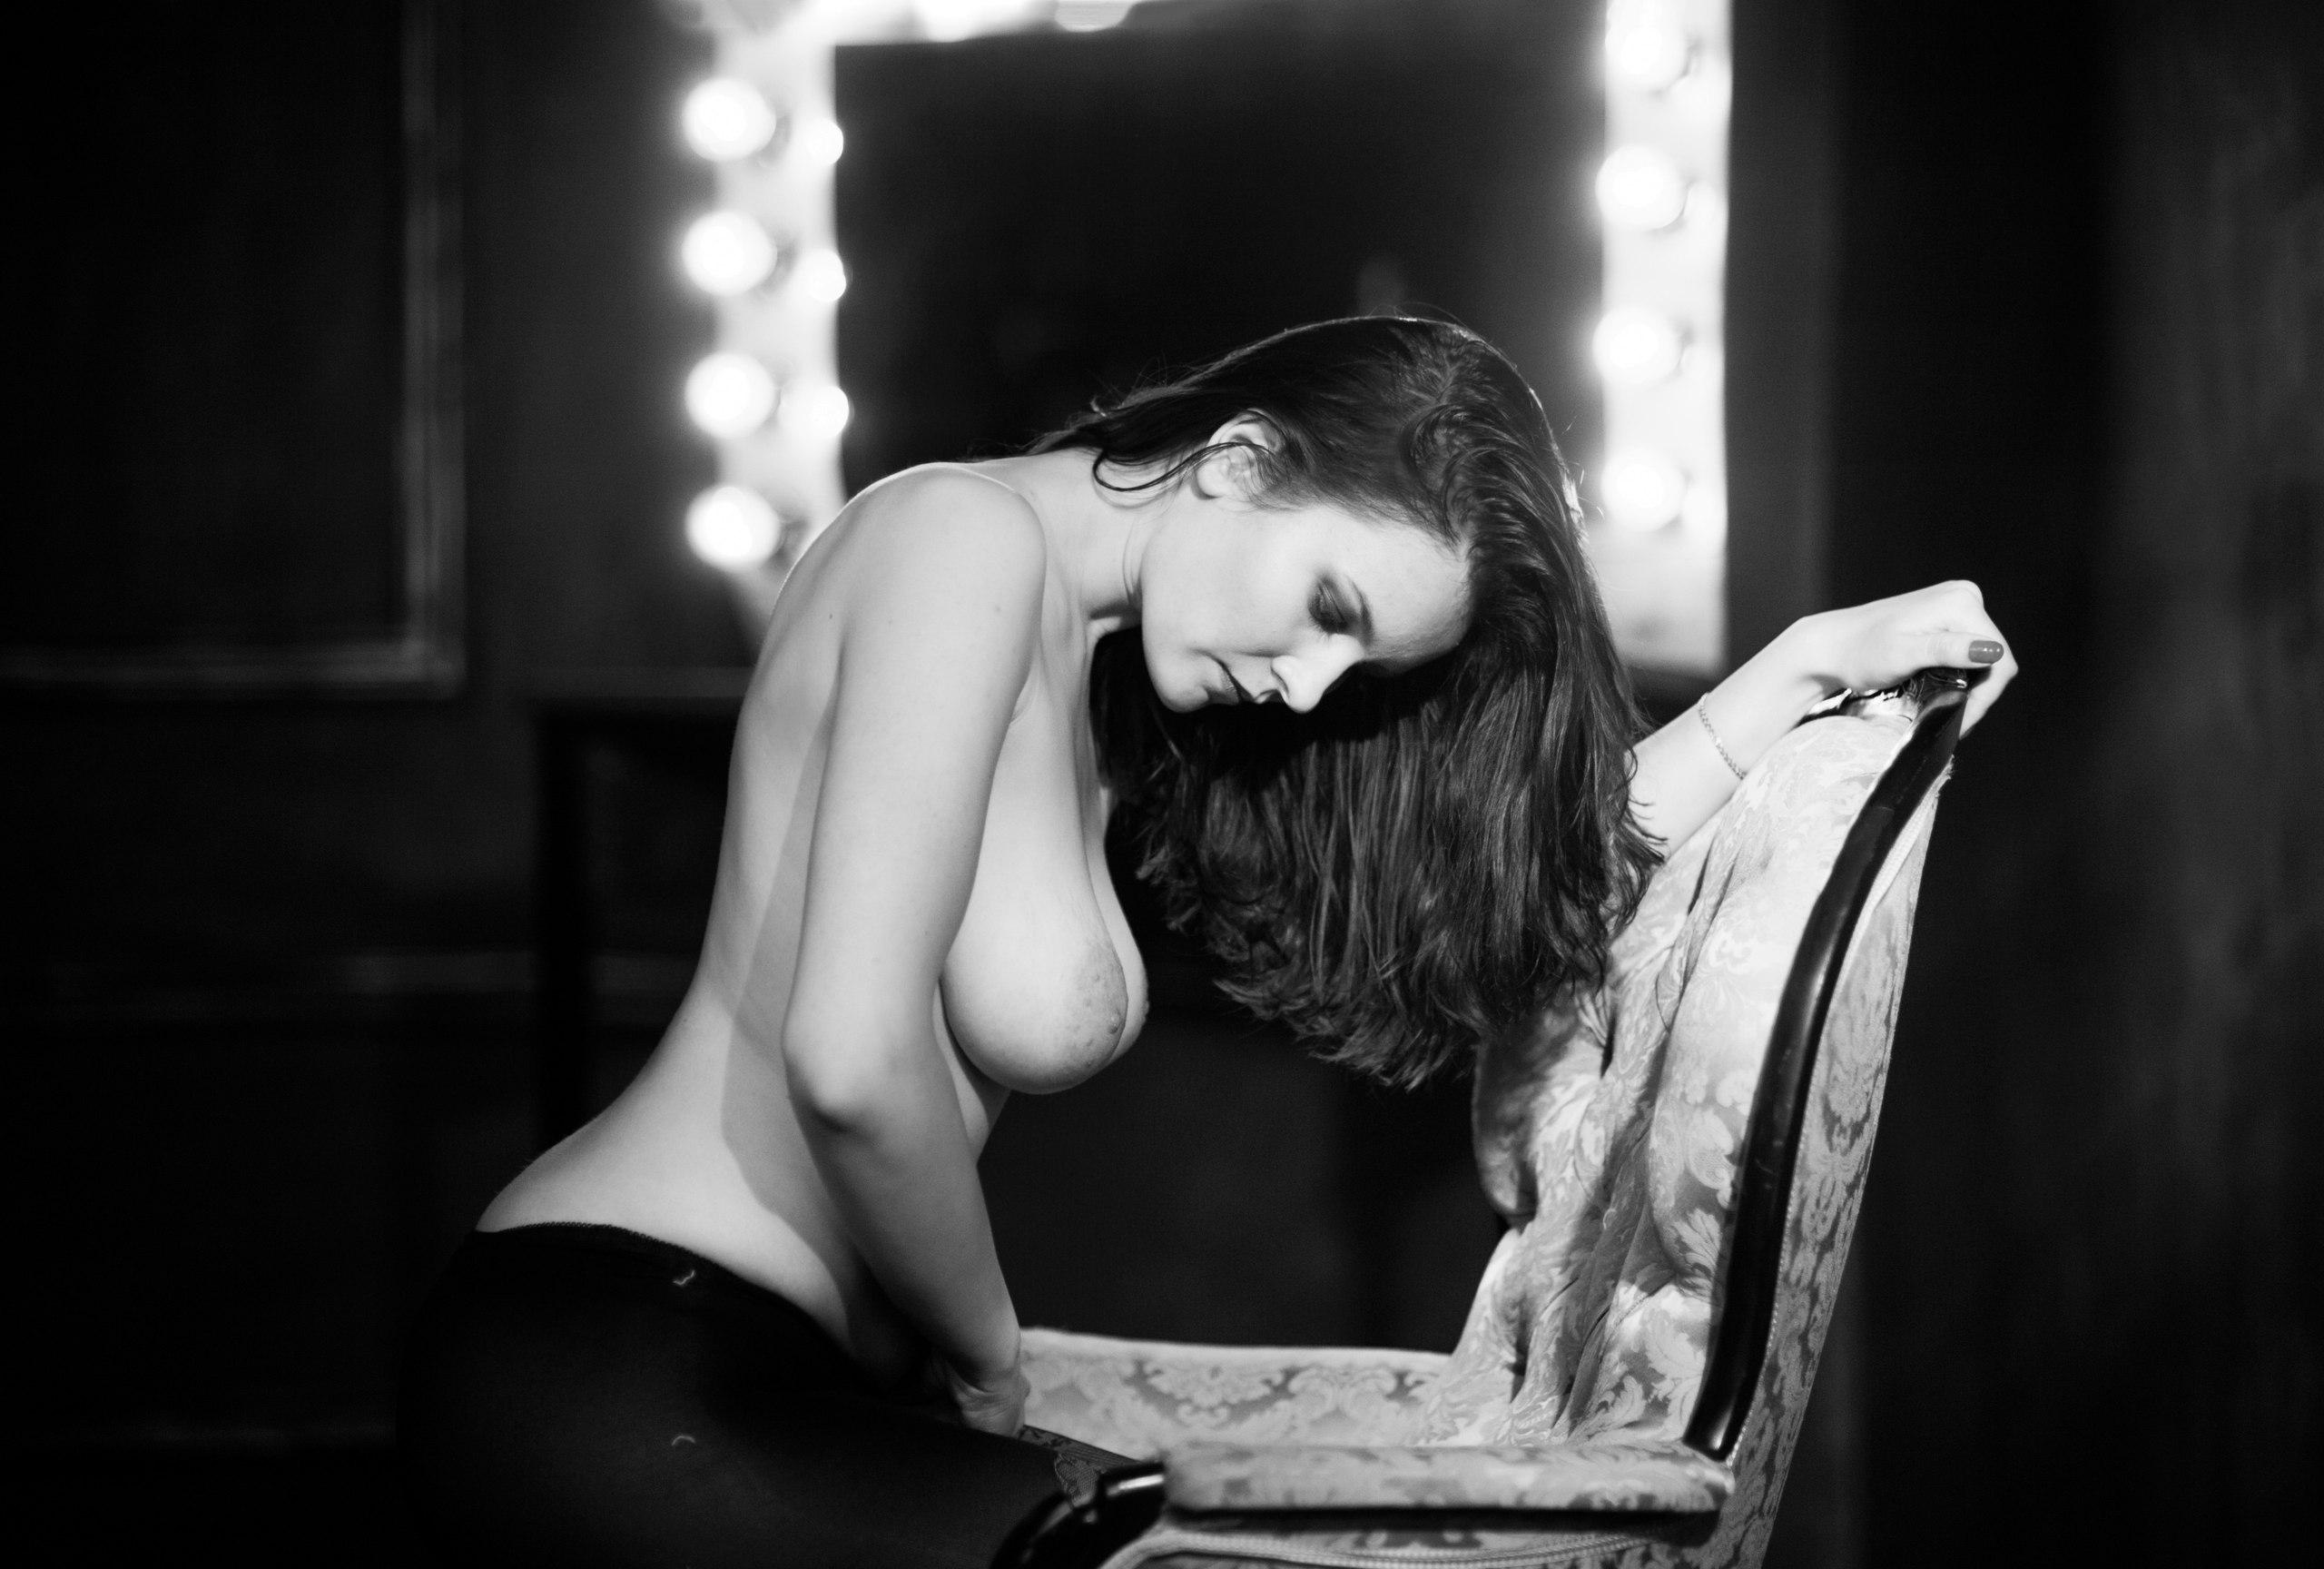 Черно белые картинки голых девушек, Черно белая эротика с голыми девушками - фото 16 фотография